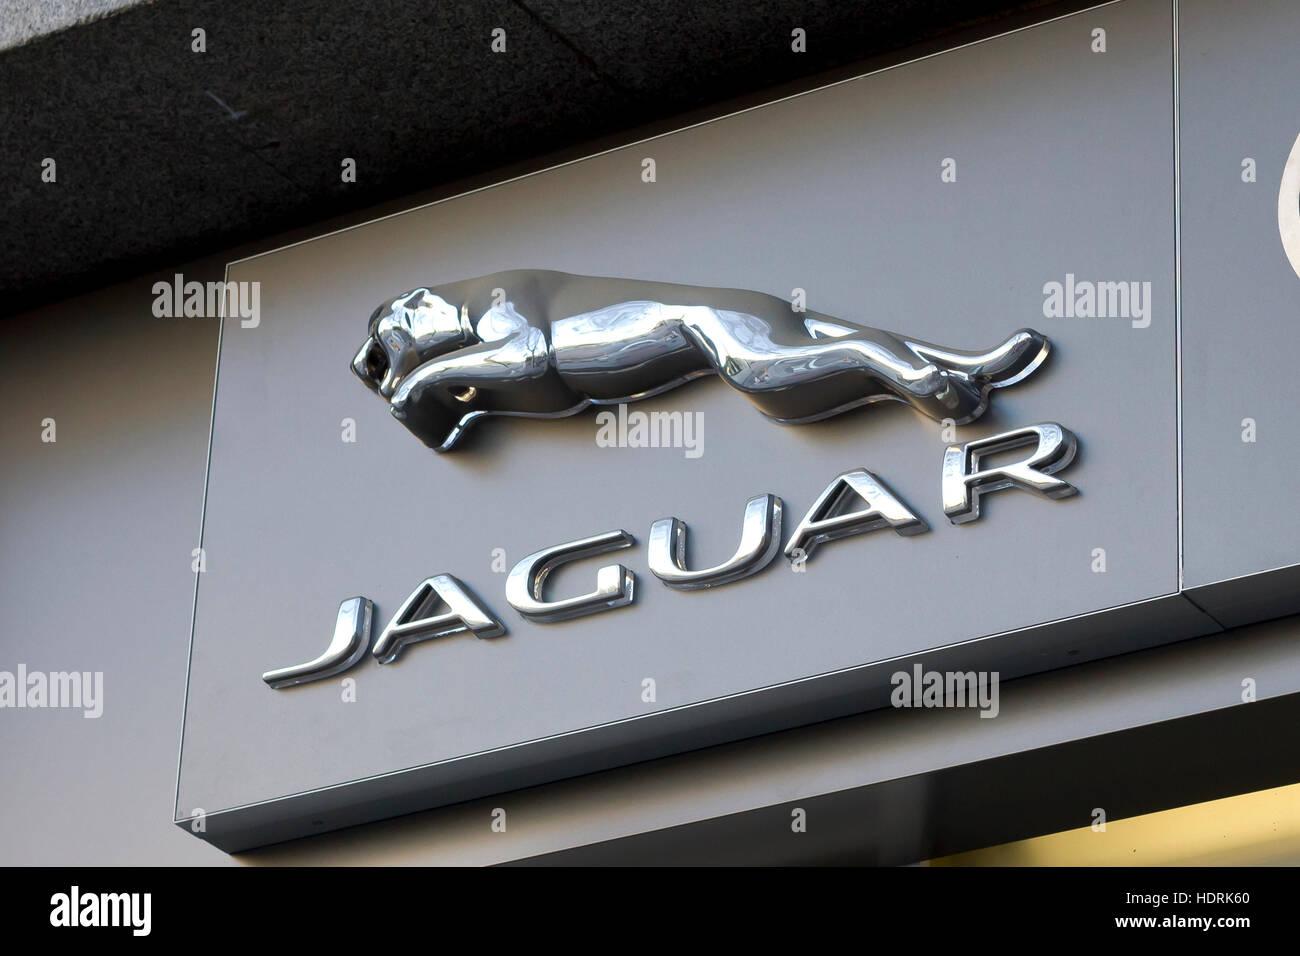 jaguar logo stock photos jaguar logo stock images alamy